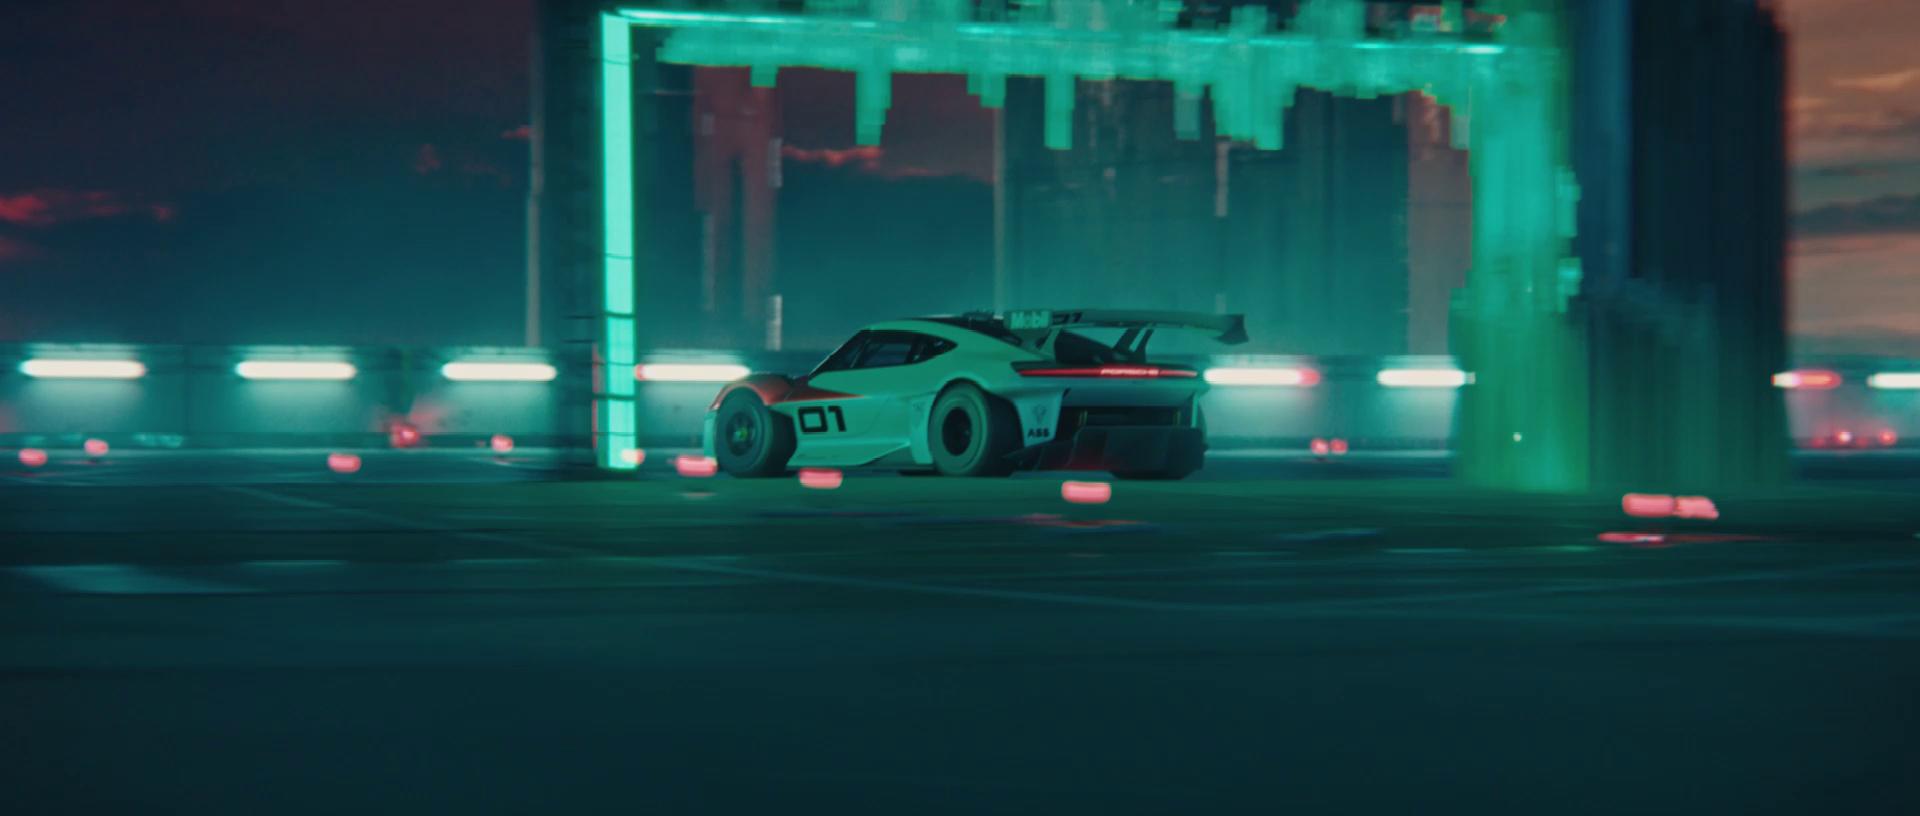 Porsche_mission_R__0005_Layer 28